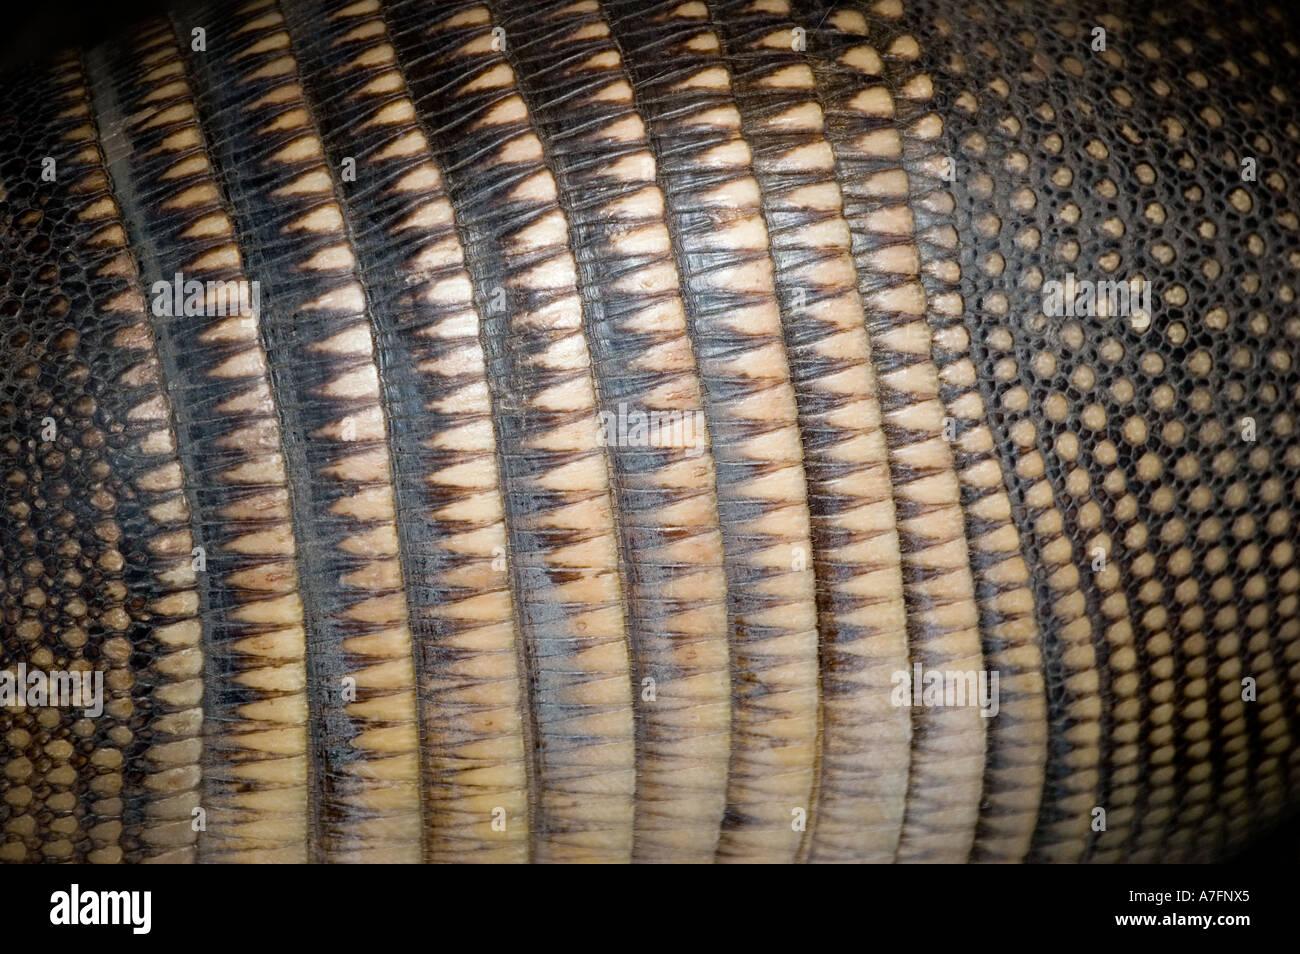 Armadillo shell